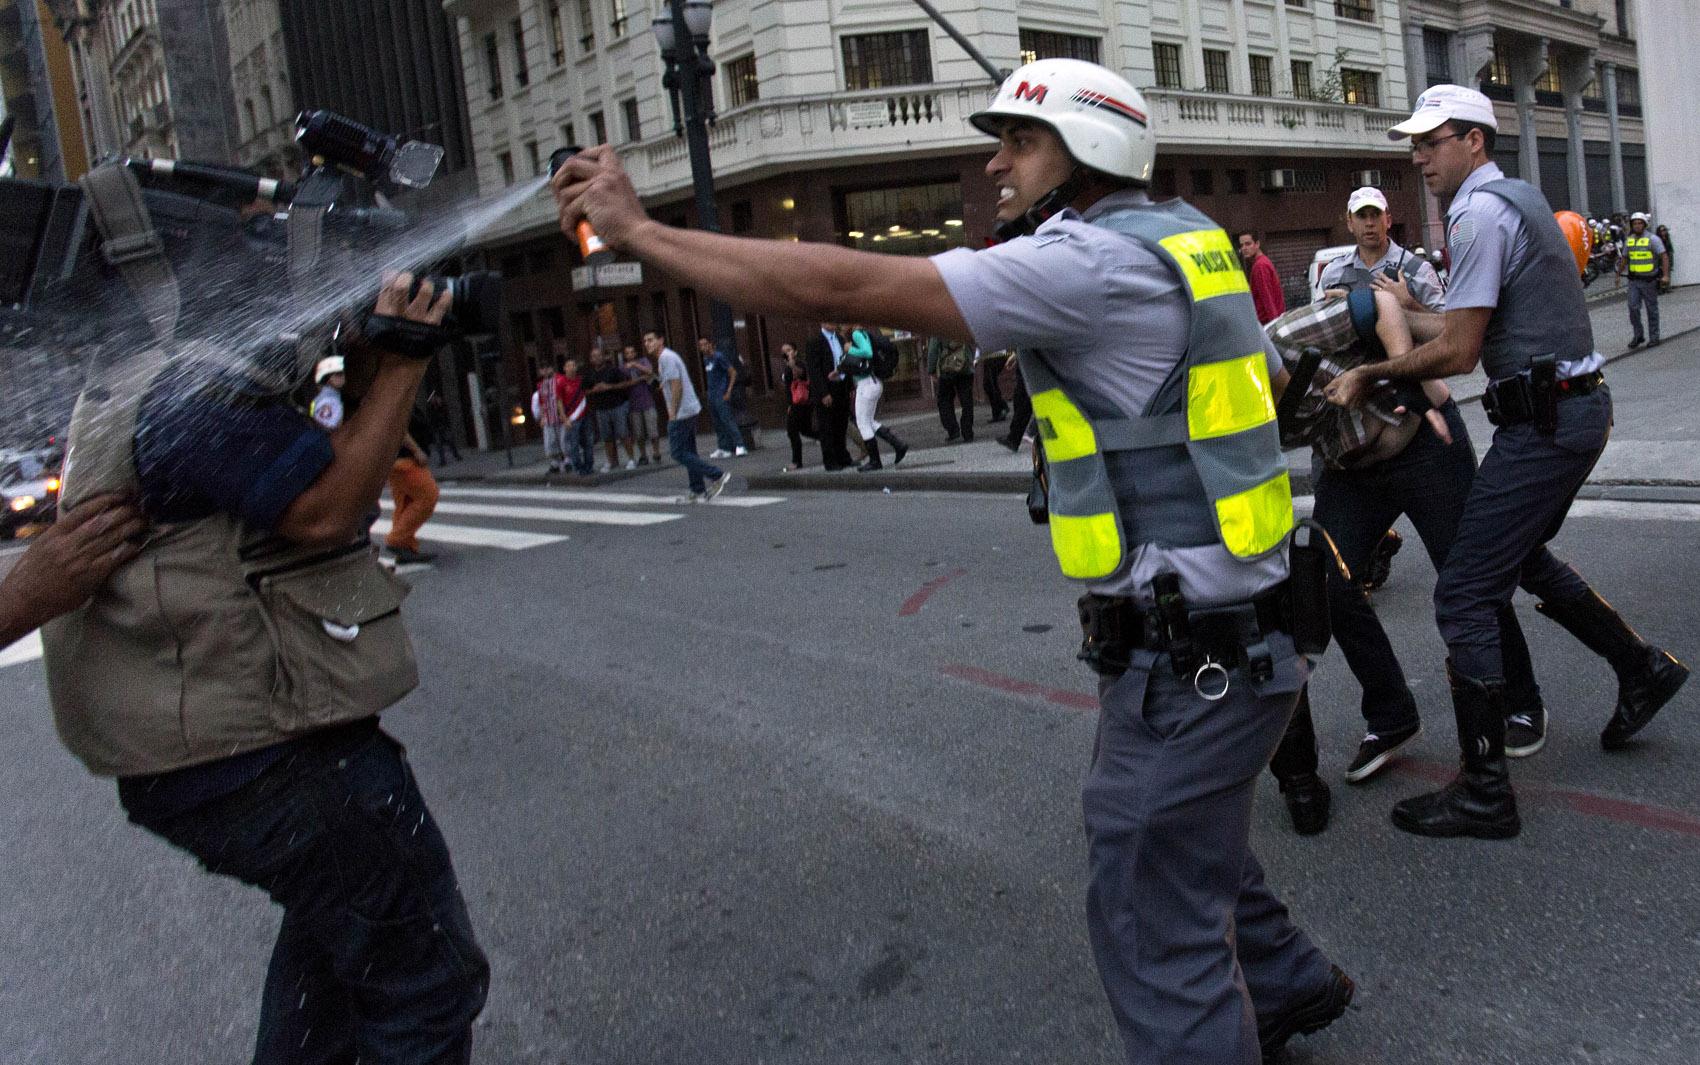 Policial usa spray de pimenta contra manifestantes próximo de um cinegrafista durante protesto em São Paulo.